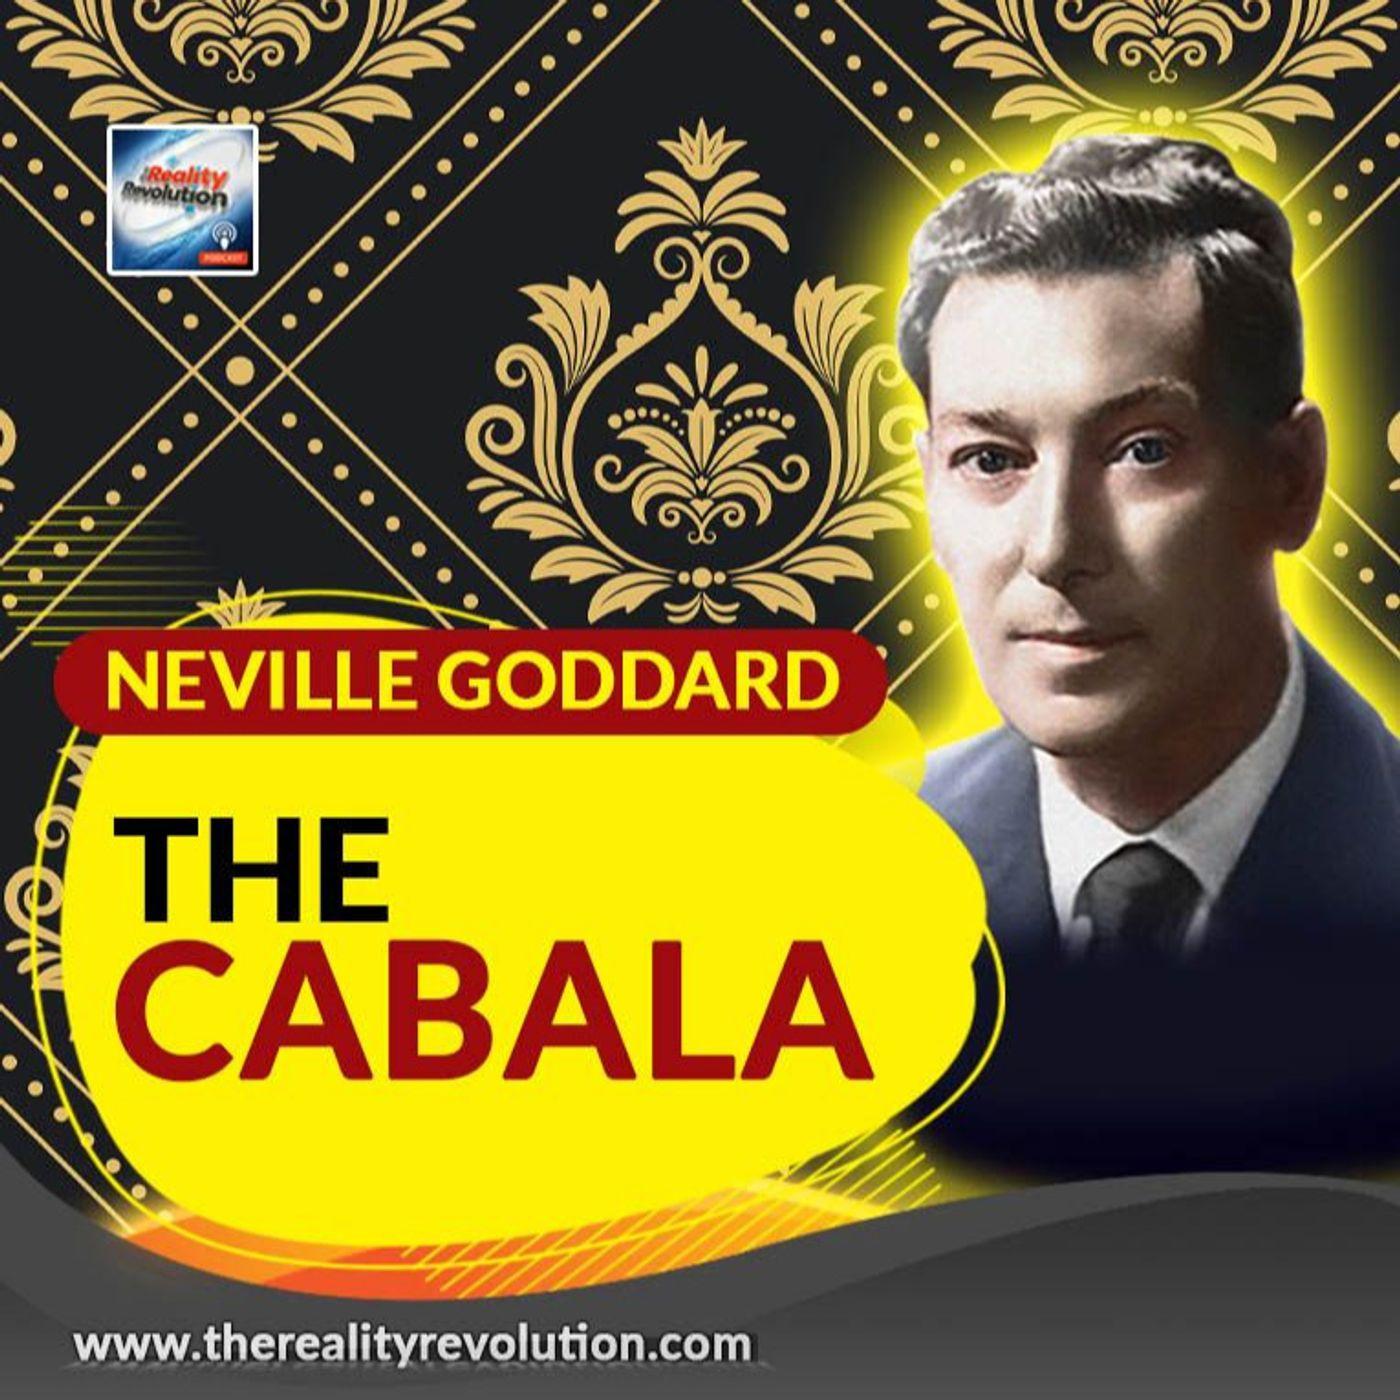 Neville Goddard The Cabala